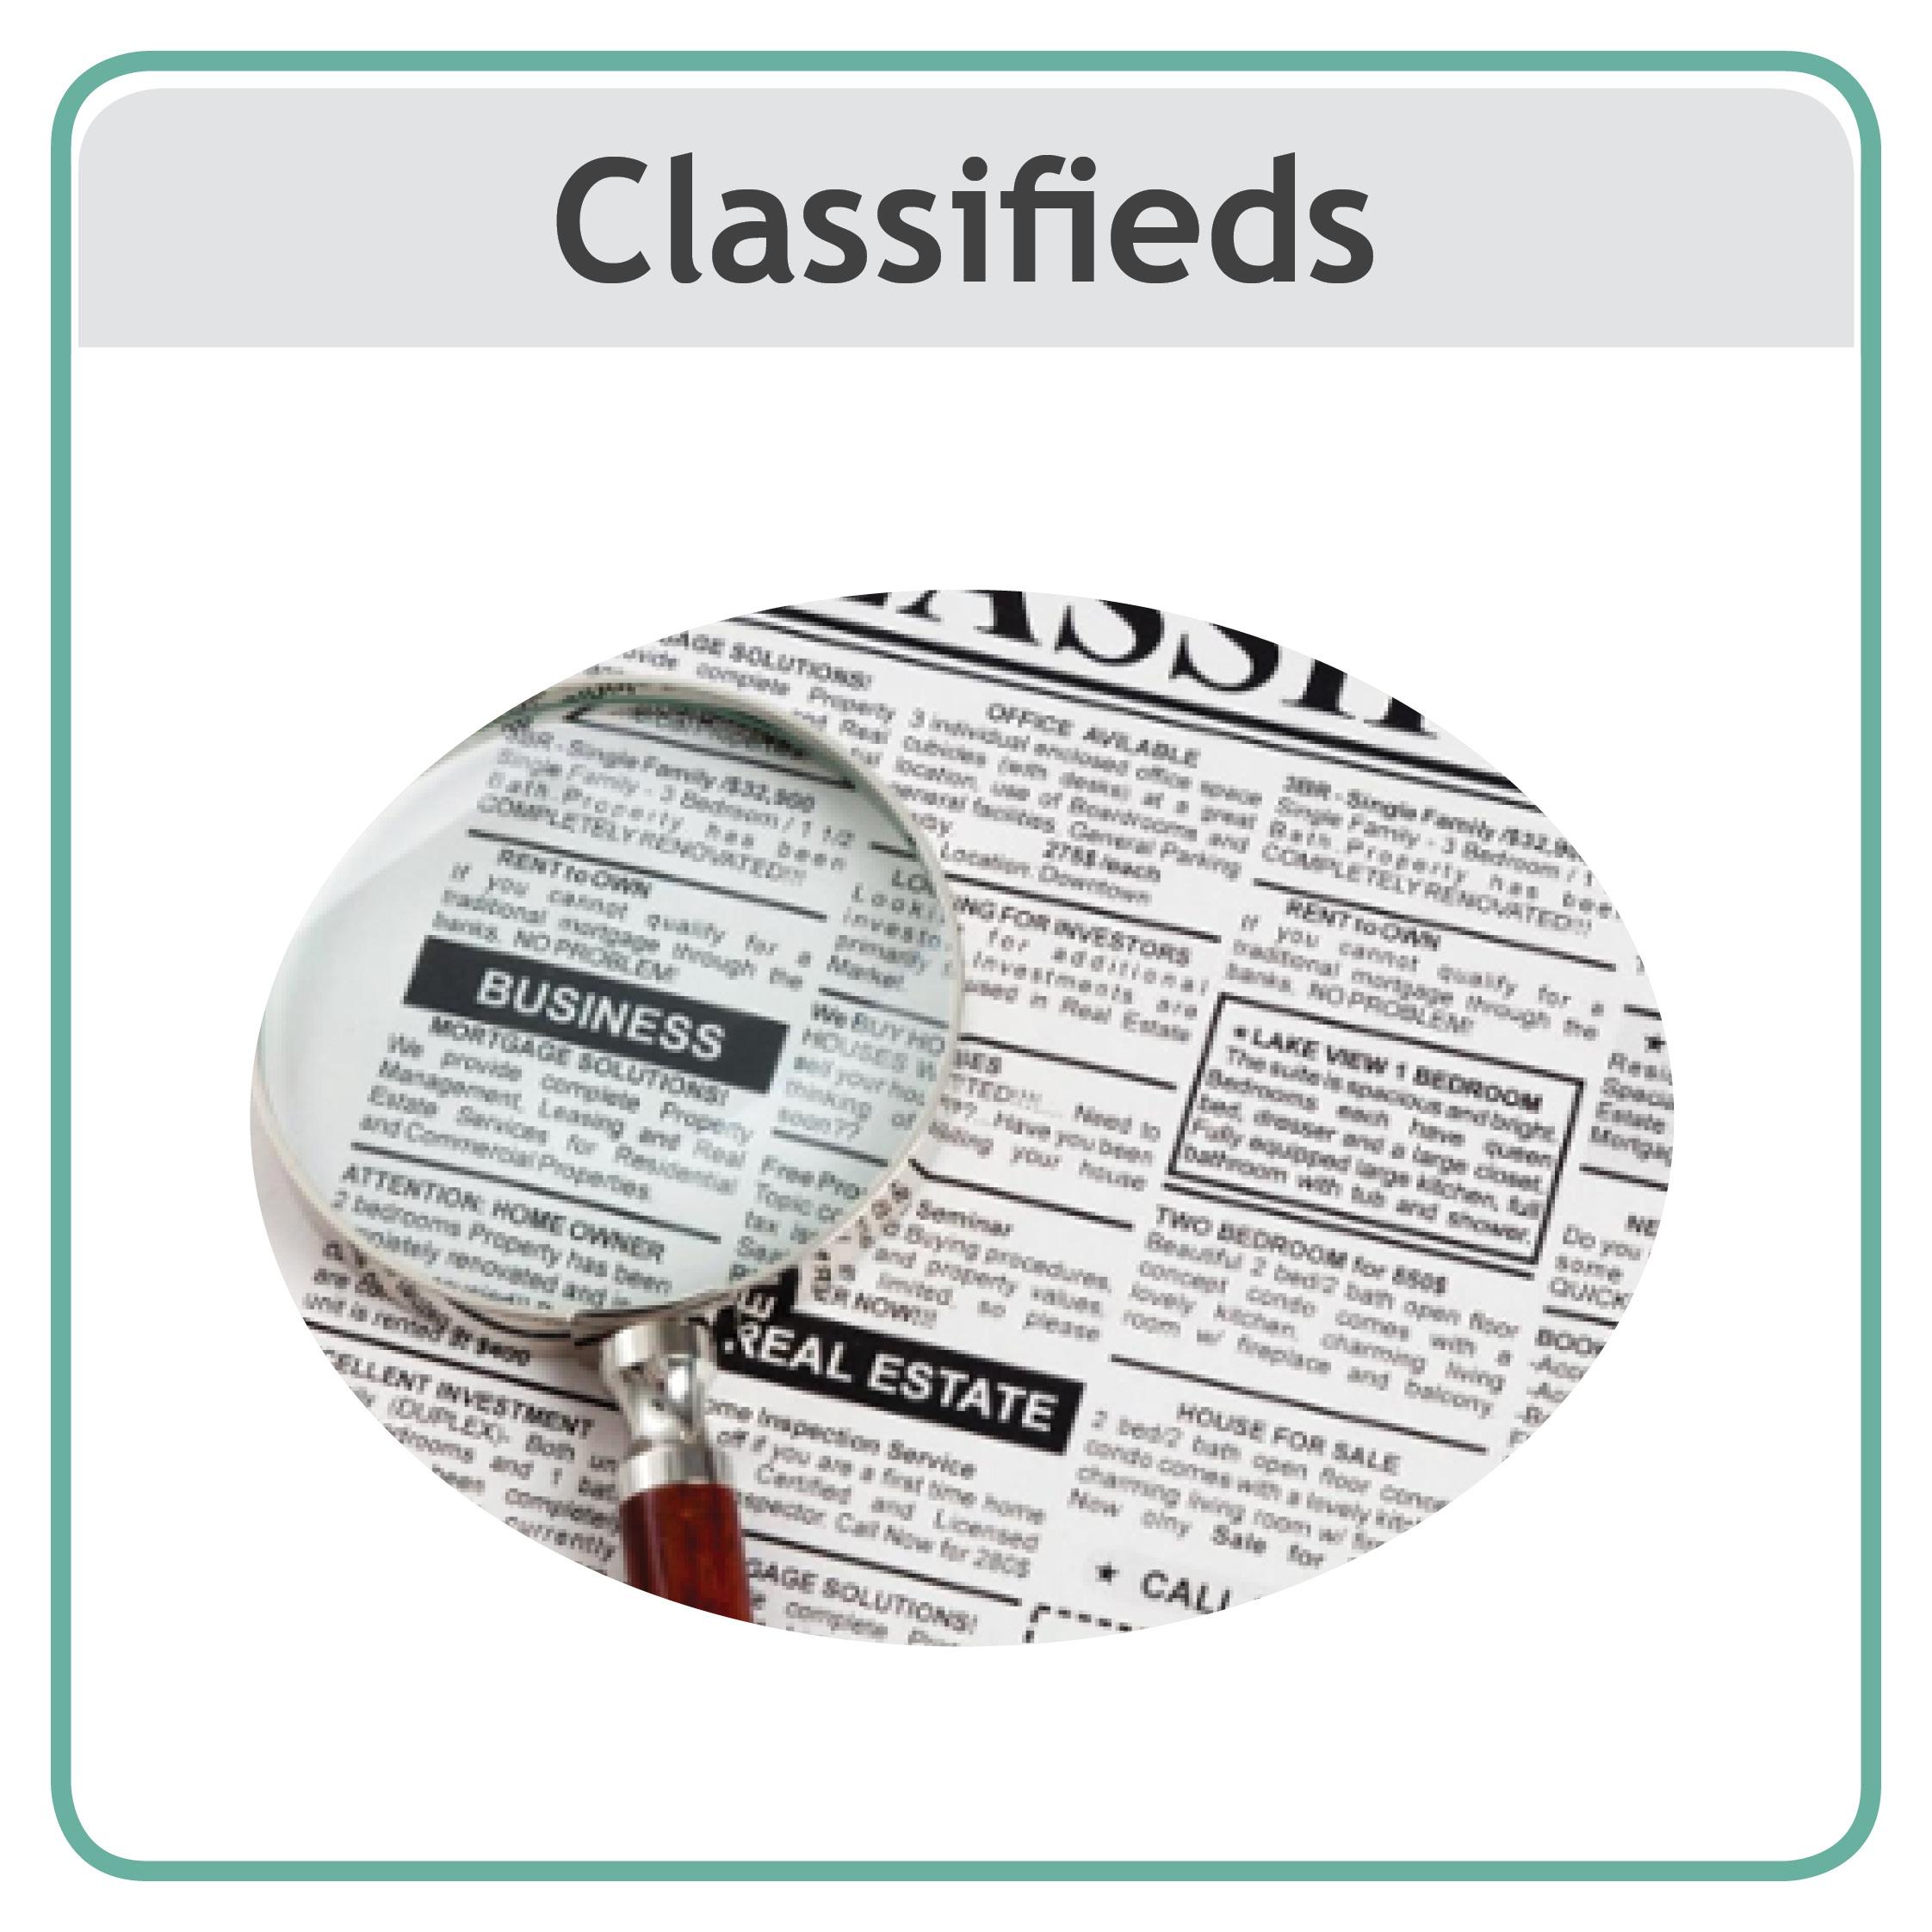 CLASSIFIEDS MYRENER.jpg